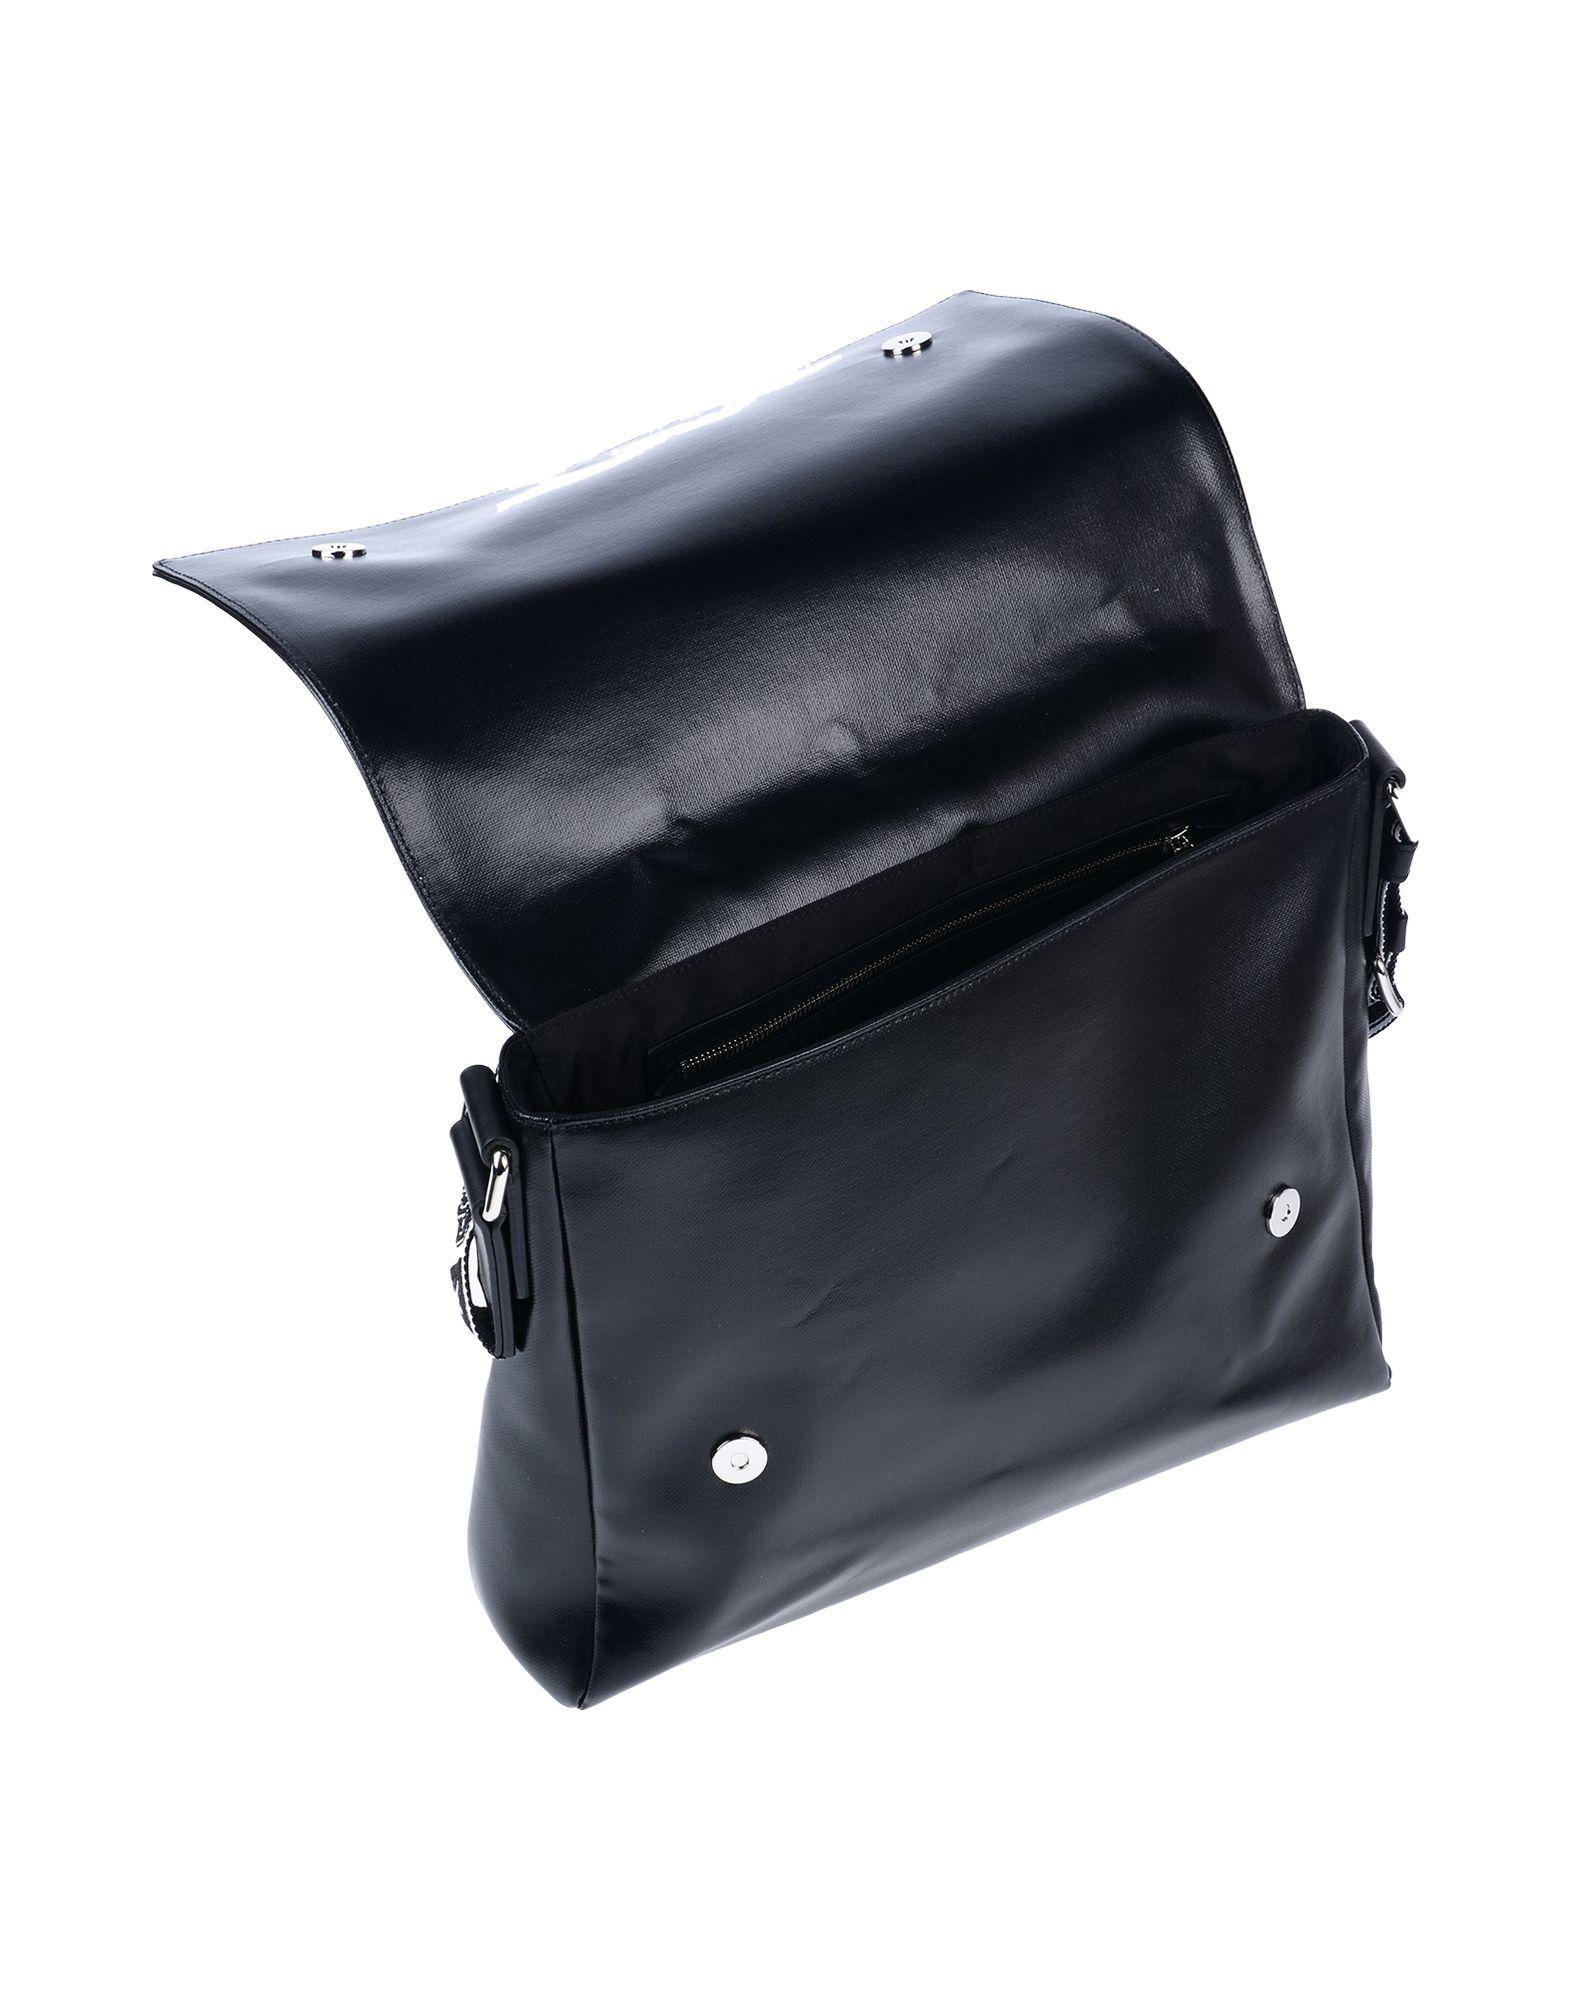 83d56c55e3ae Lyst - Dolce   Gabbana Cross-body Bag in Black for Men